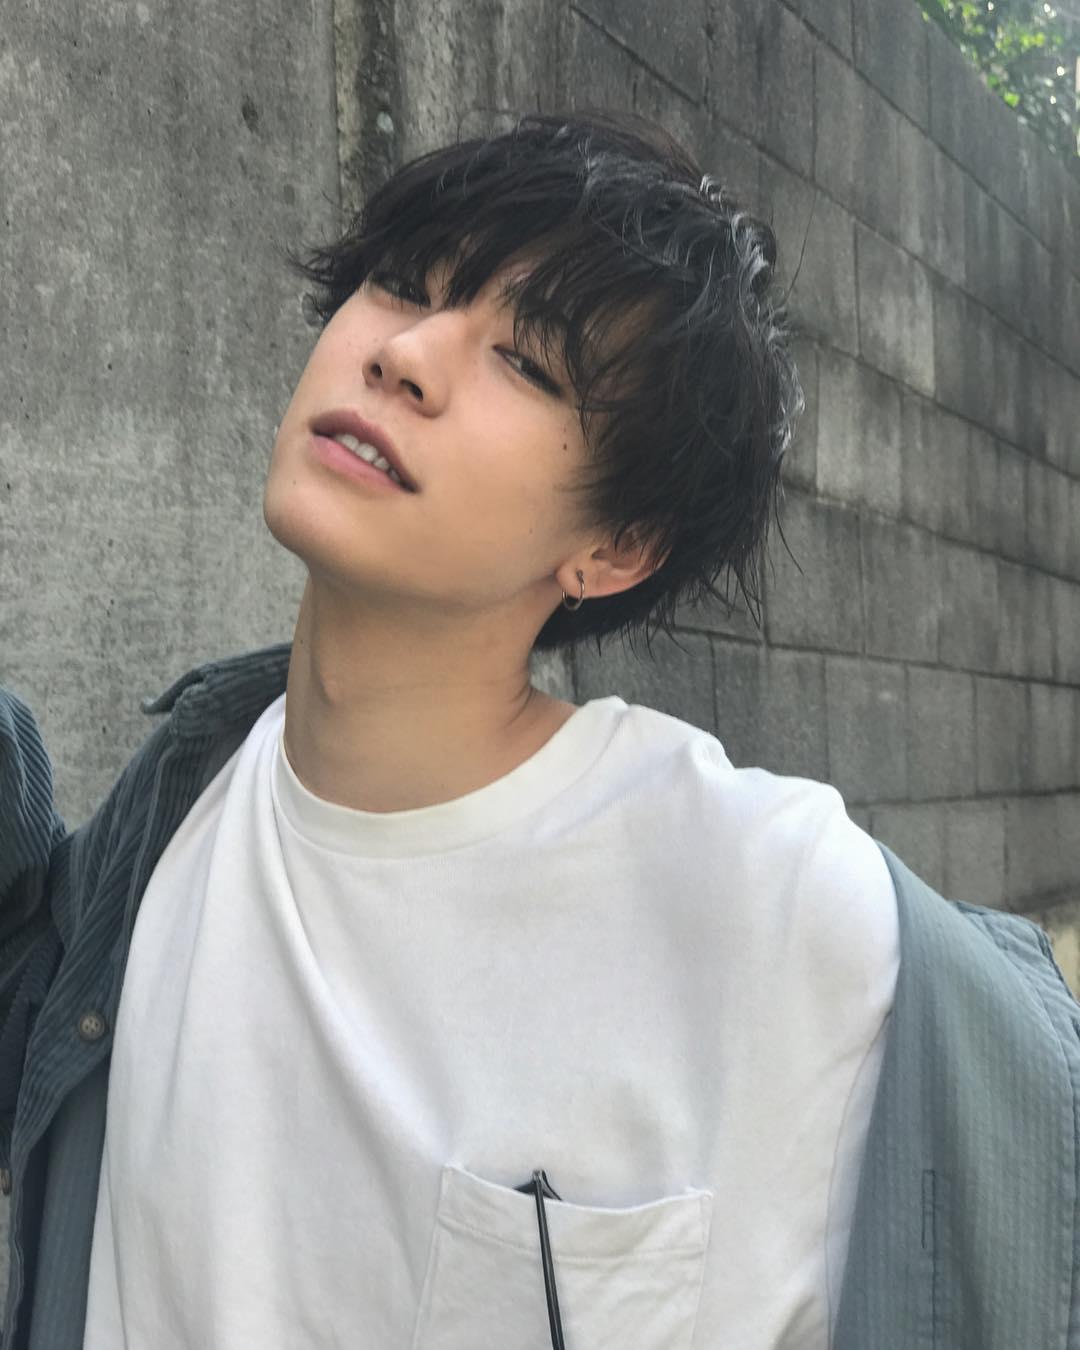 近期人气看涨的10位日本鲜肉帅哥,演员&模特款任你挑选!插图13